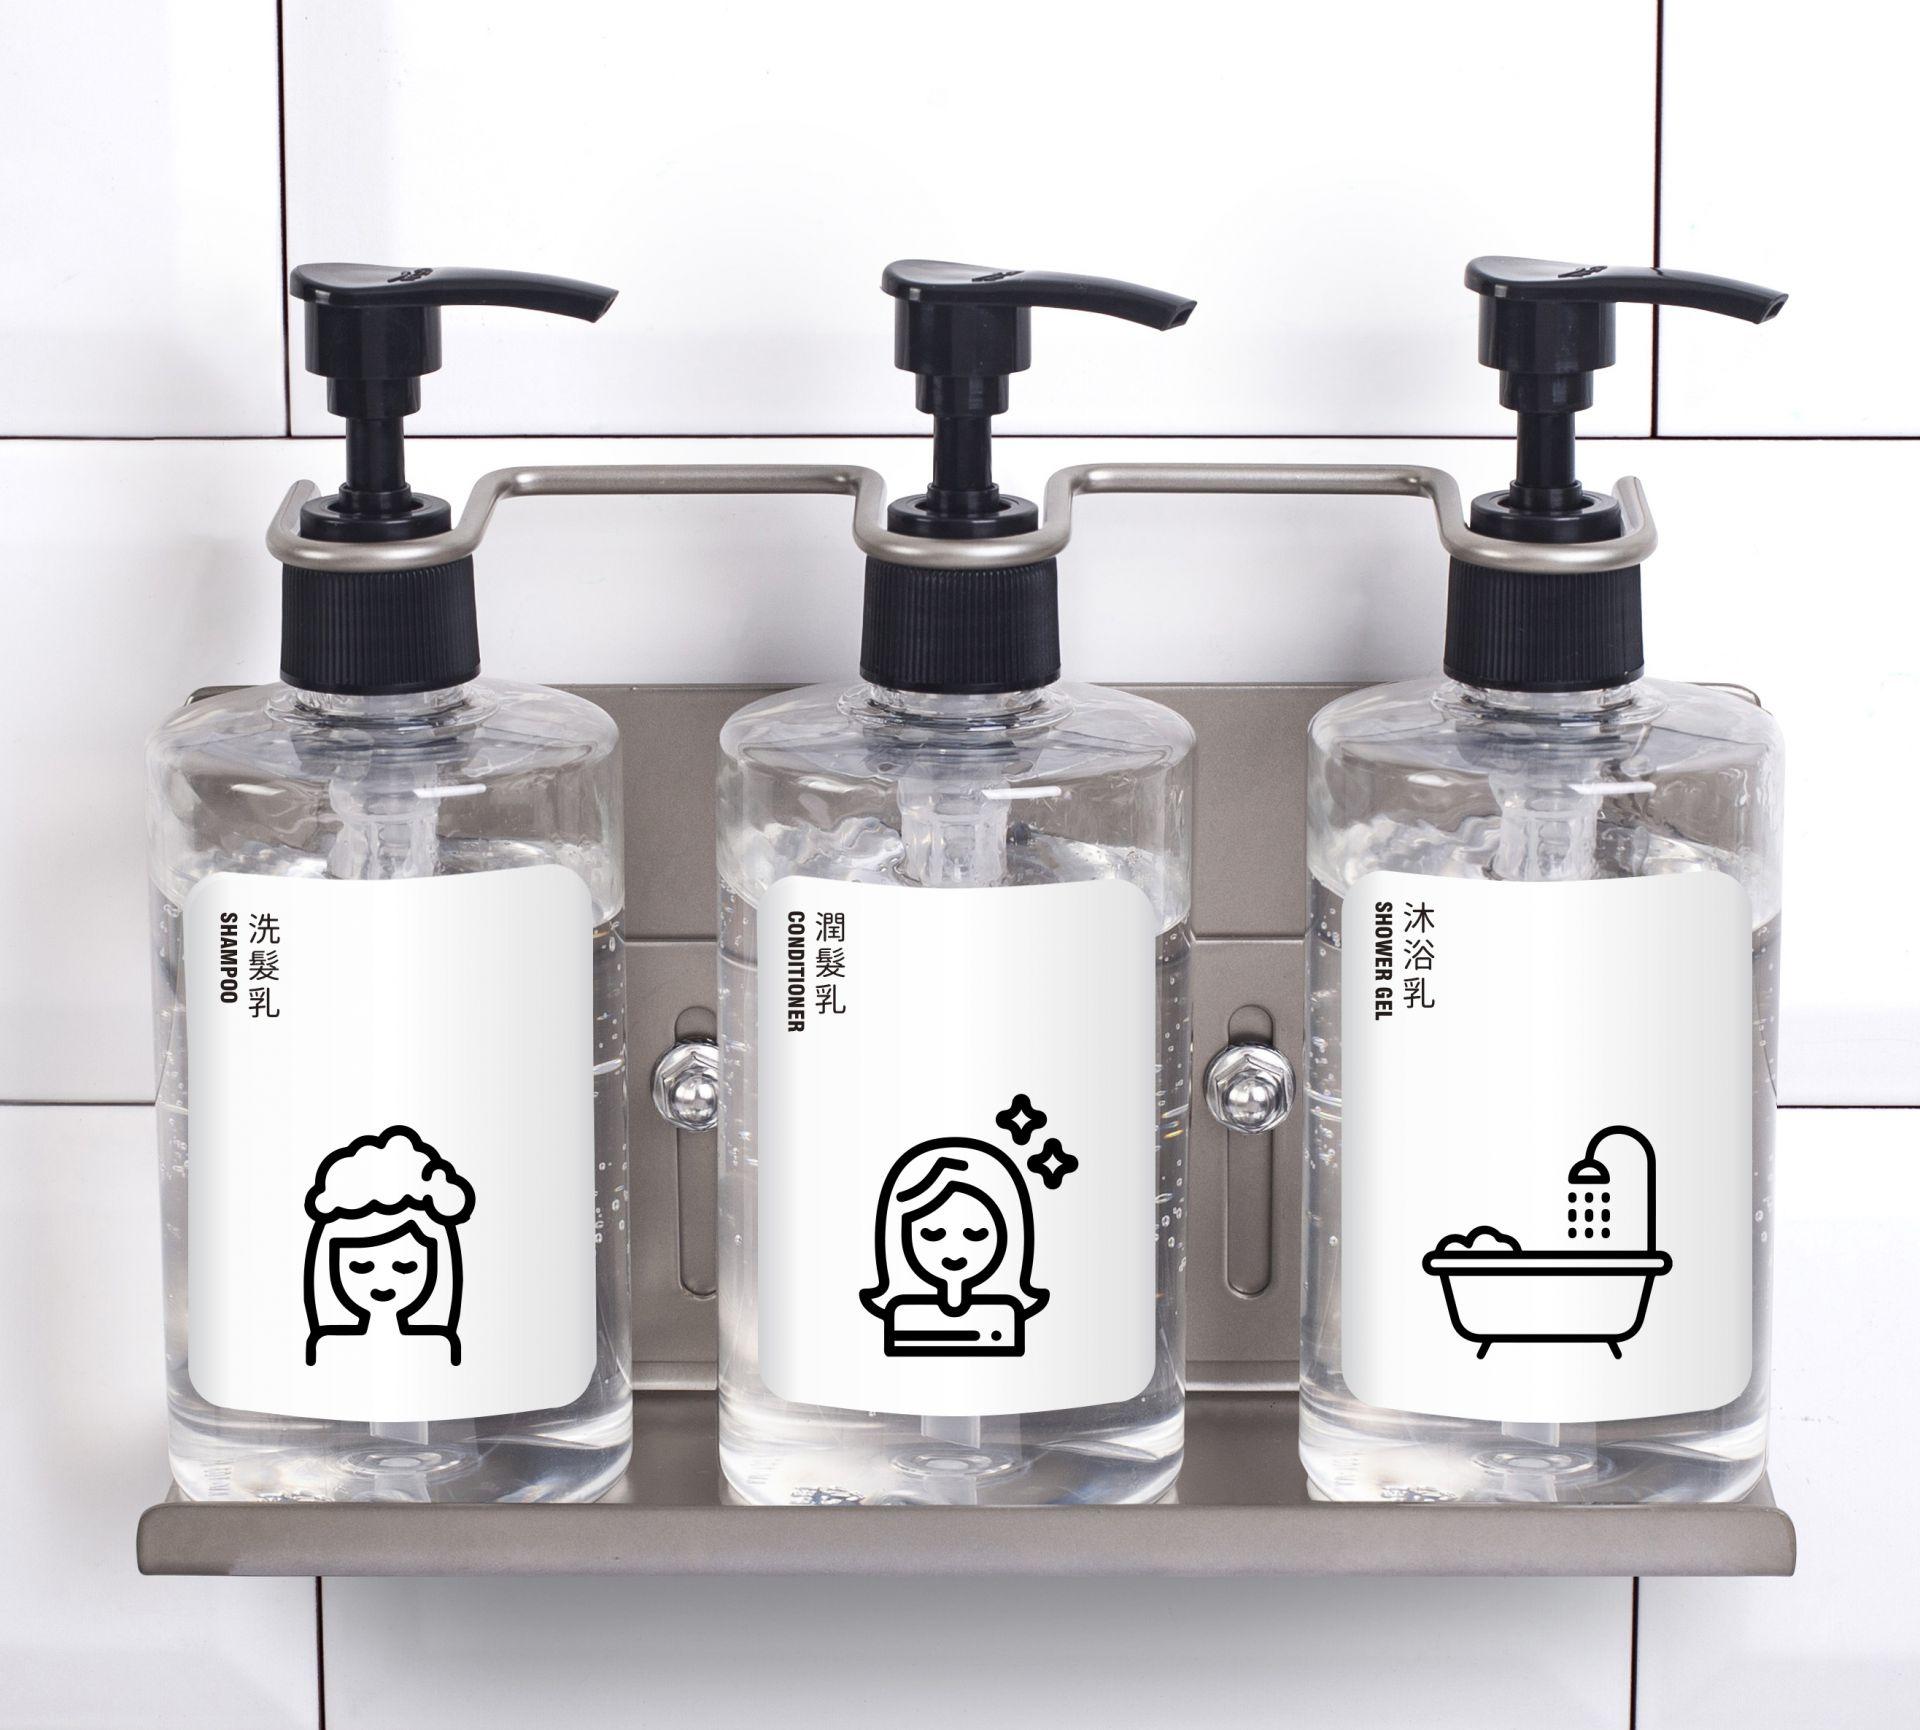 Wall Mount Soap Dispenser Holder